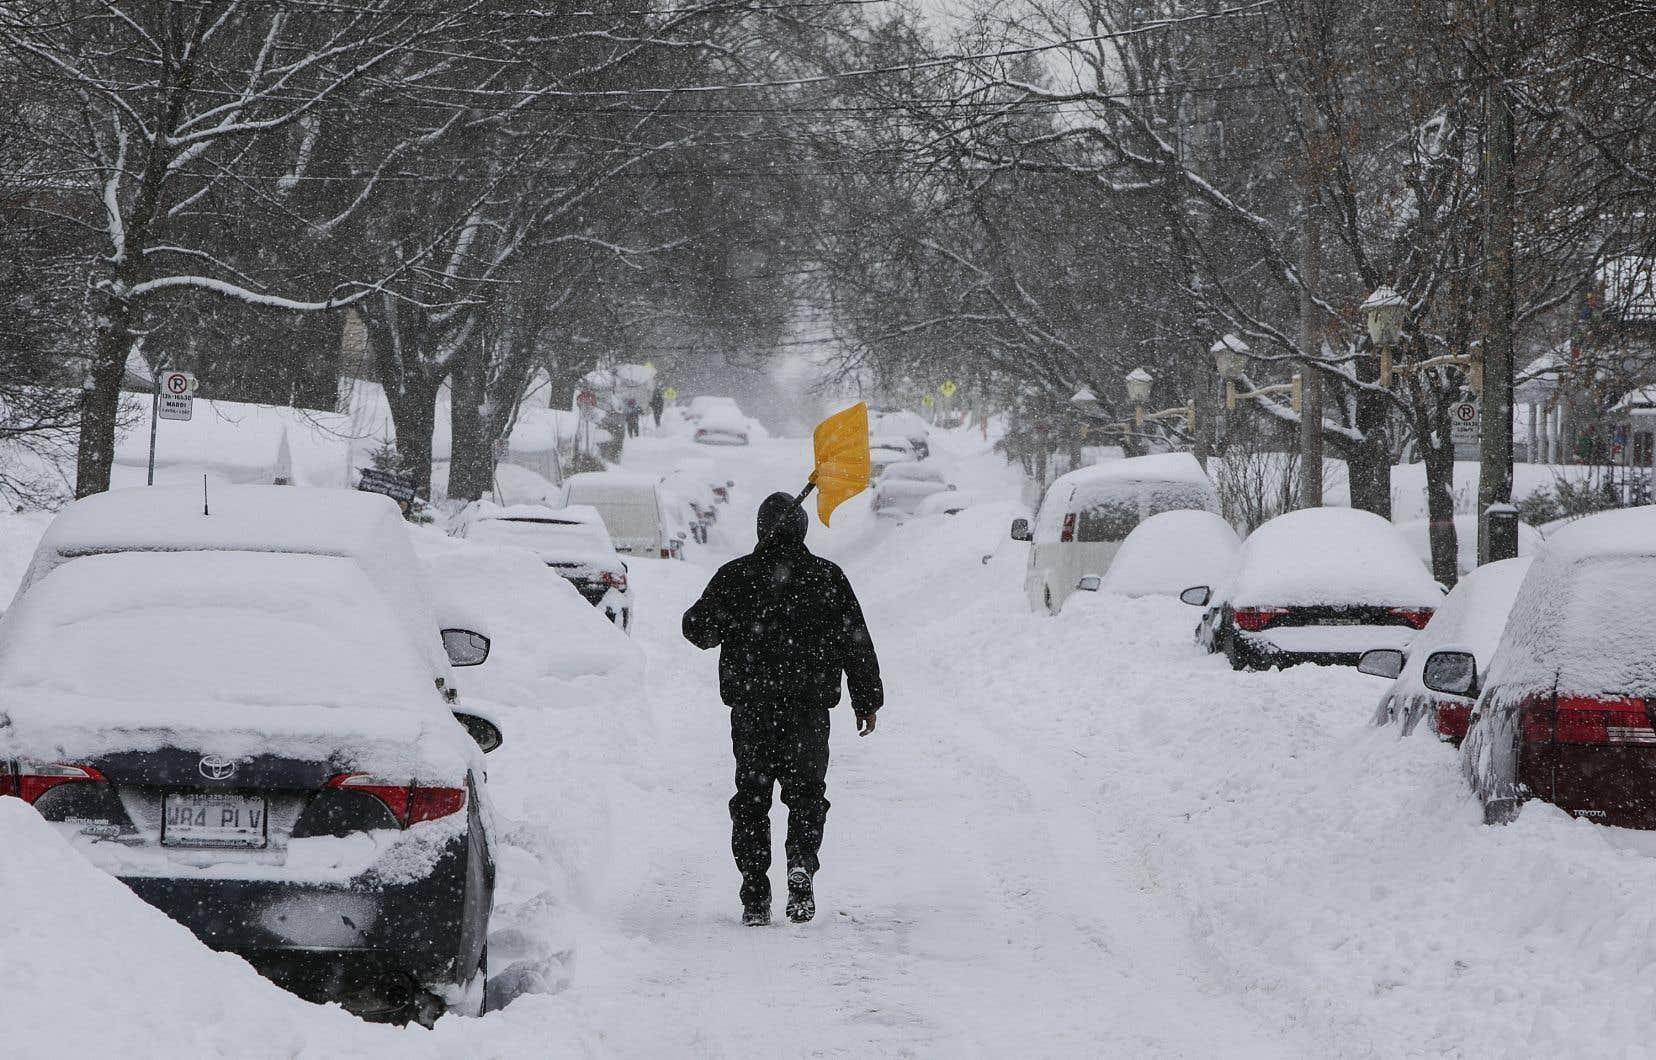 Depuis le début du mois de janvier, Montréal a reçu 191 cm de neige, ainsi que 163 mm de pluie.